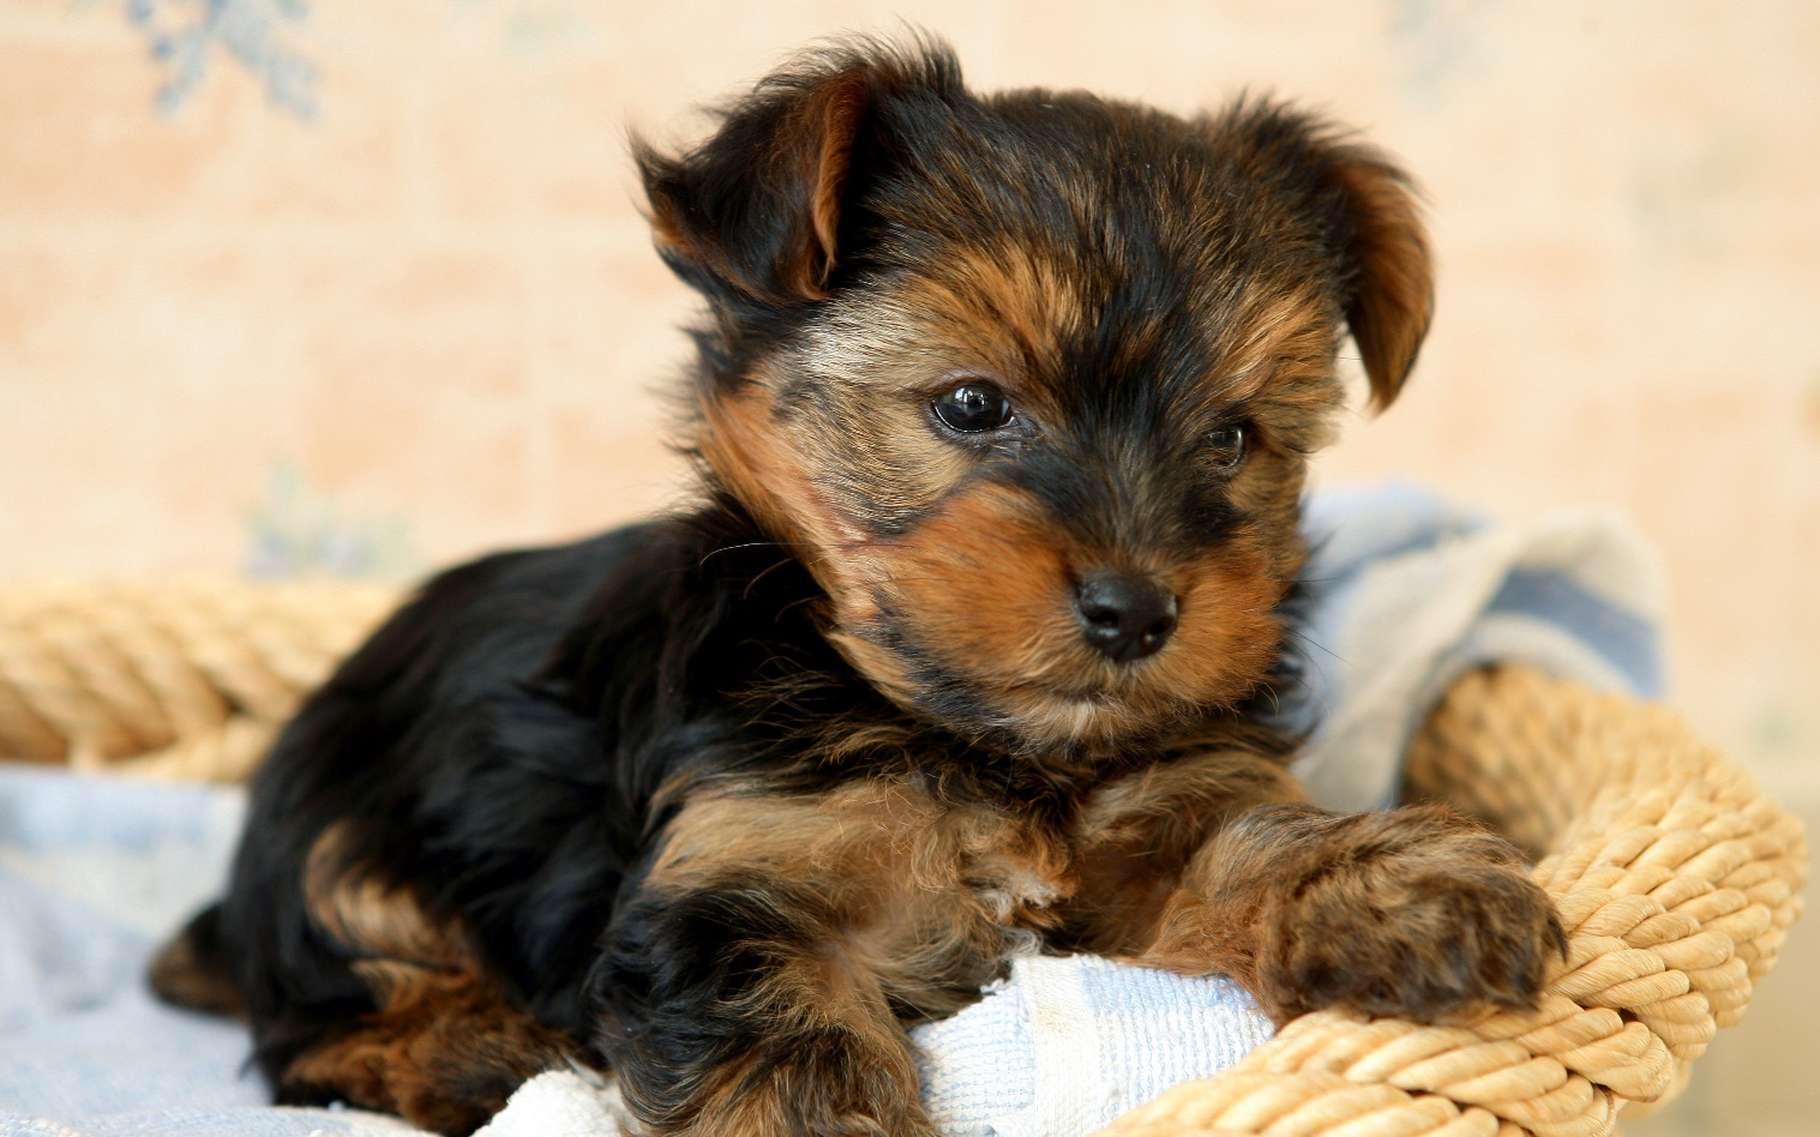 Même s'il n'est pas contaminé, traitez votre chien afin de le protéger des tiques, car leurs morsures peuvent entraîner des infections. © Phovoir